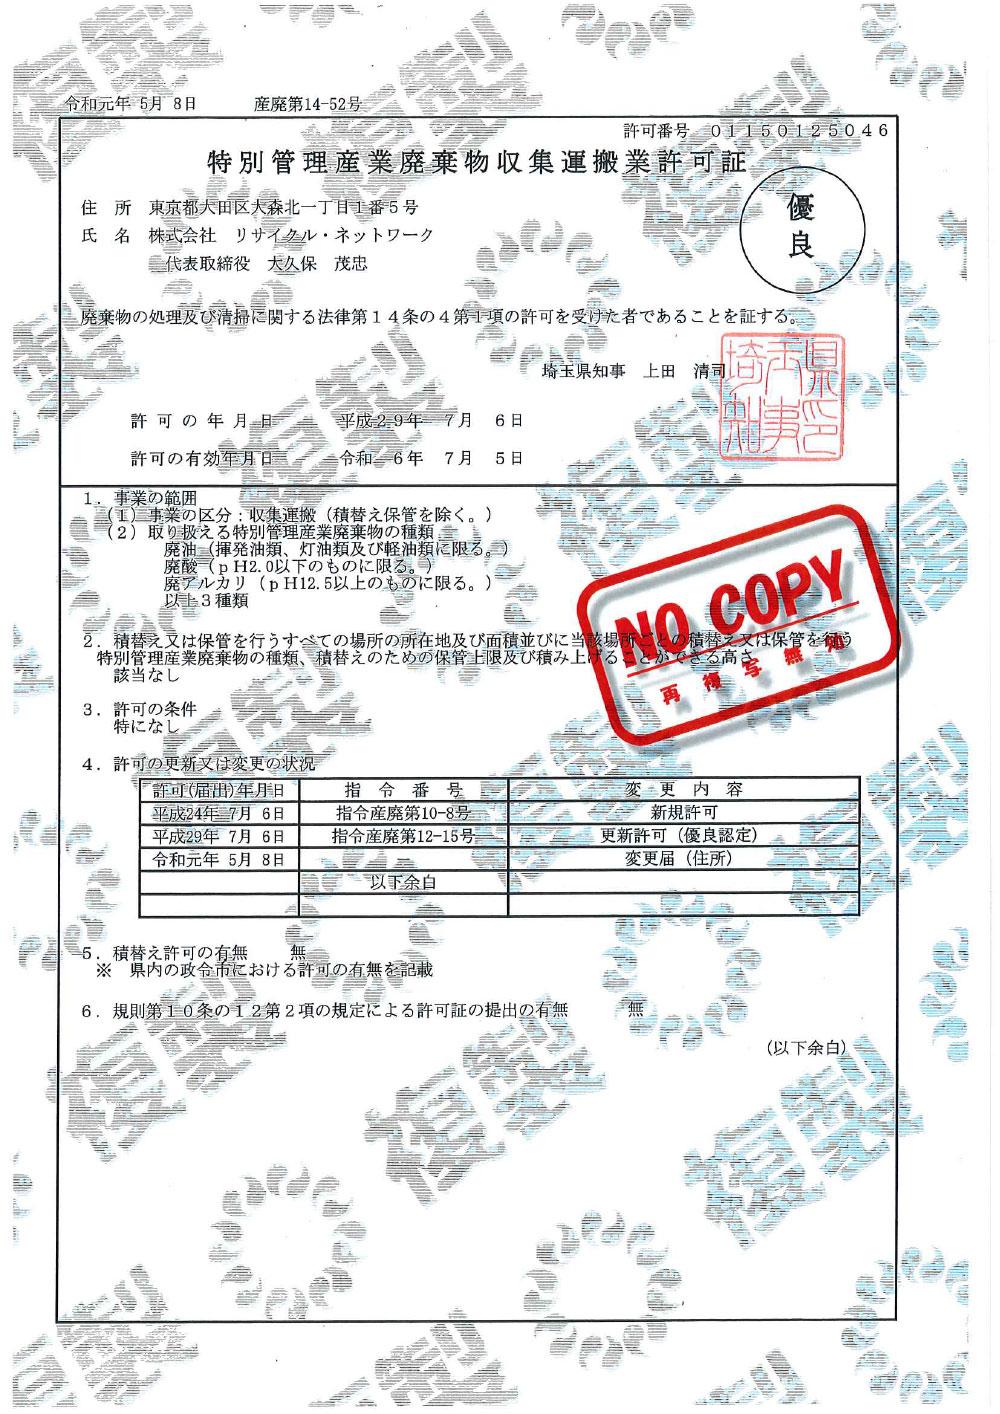 県 廃棄 群馬 物 情報 産業